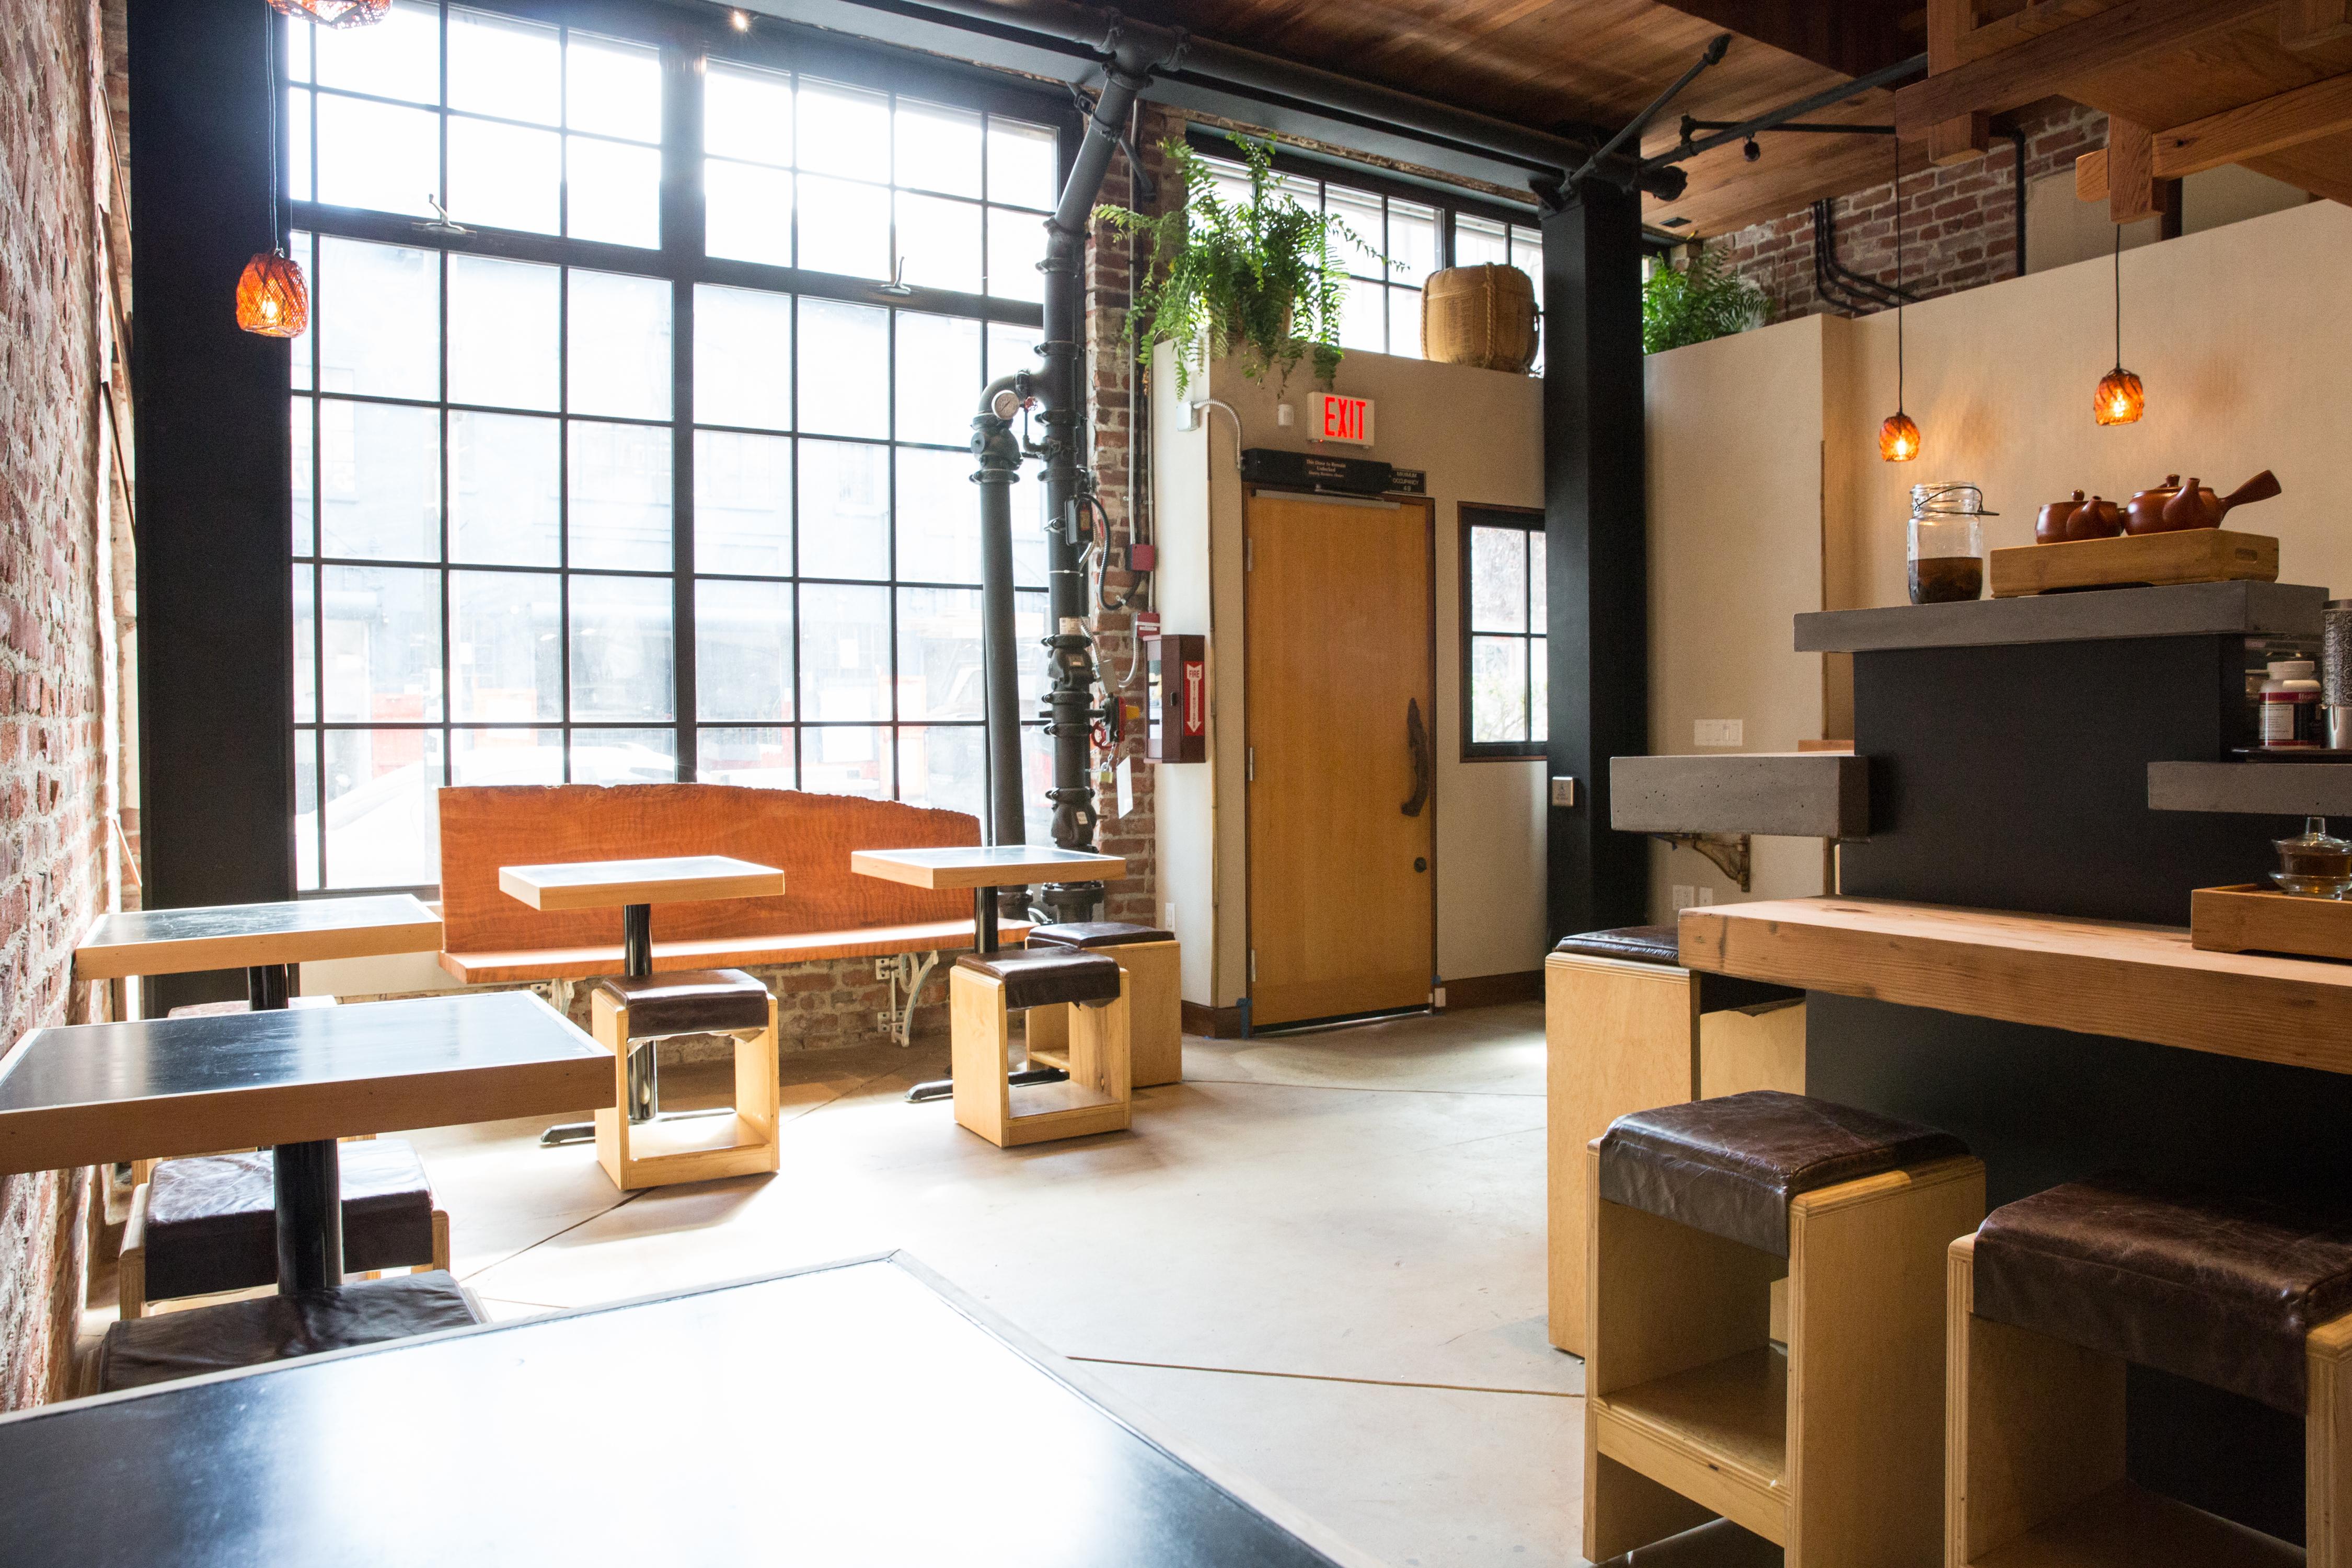 Onsen's dining room